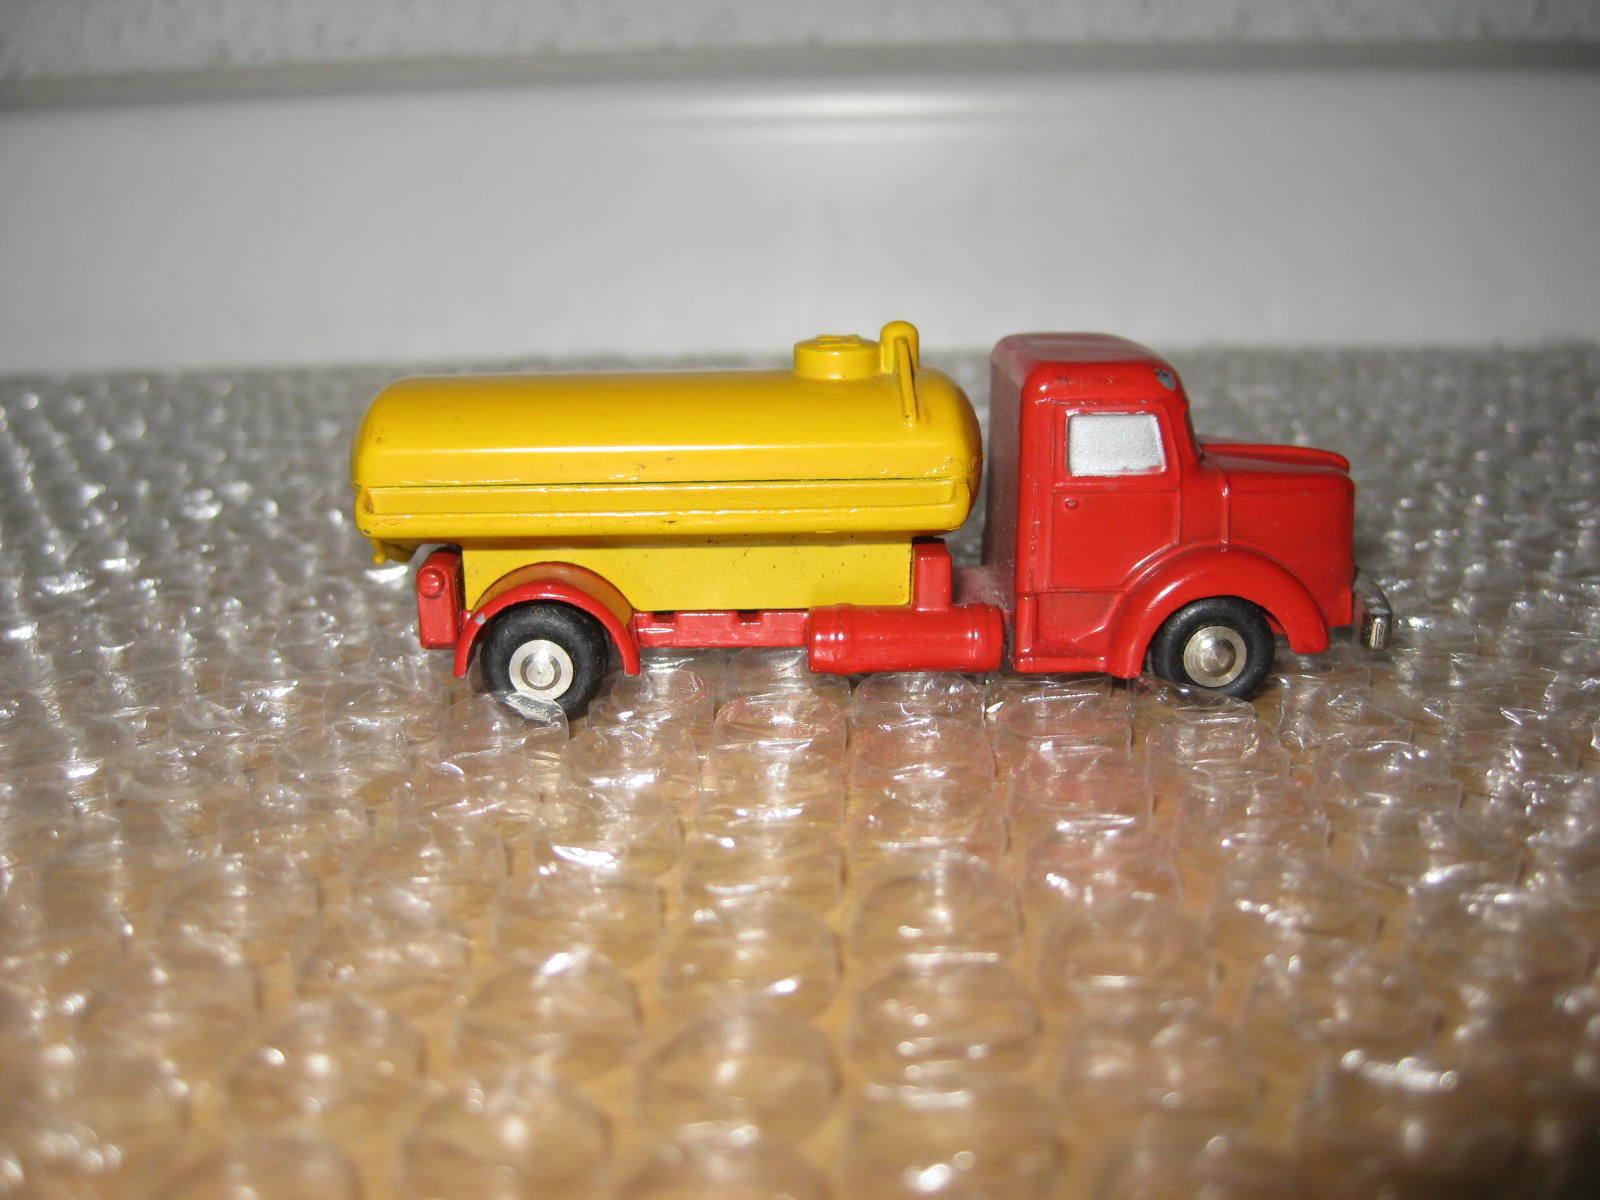 Original  Schuco Piccolo Eau Voiture Nº 763 s54  magasin d'usine